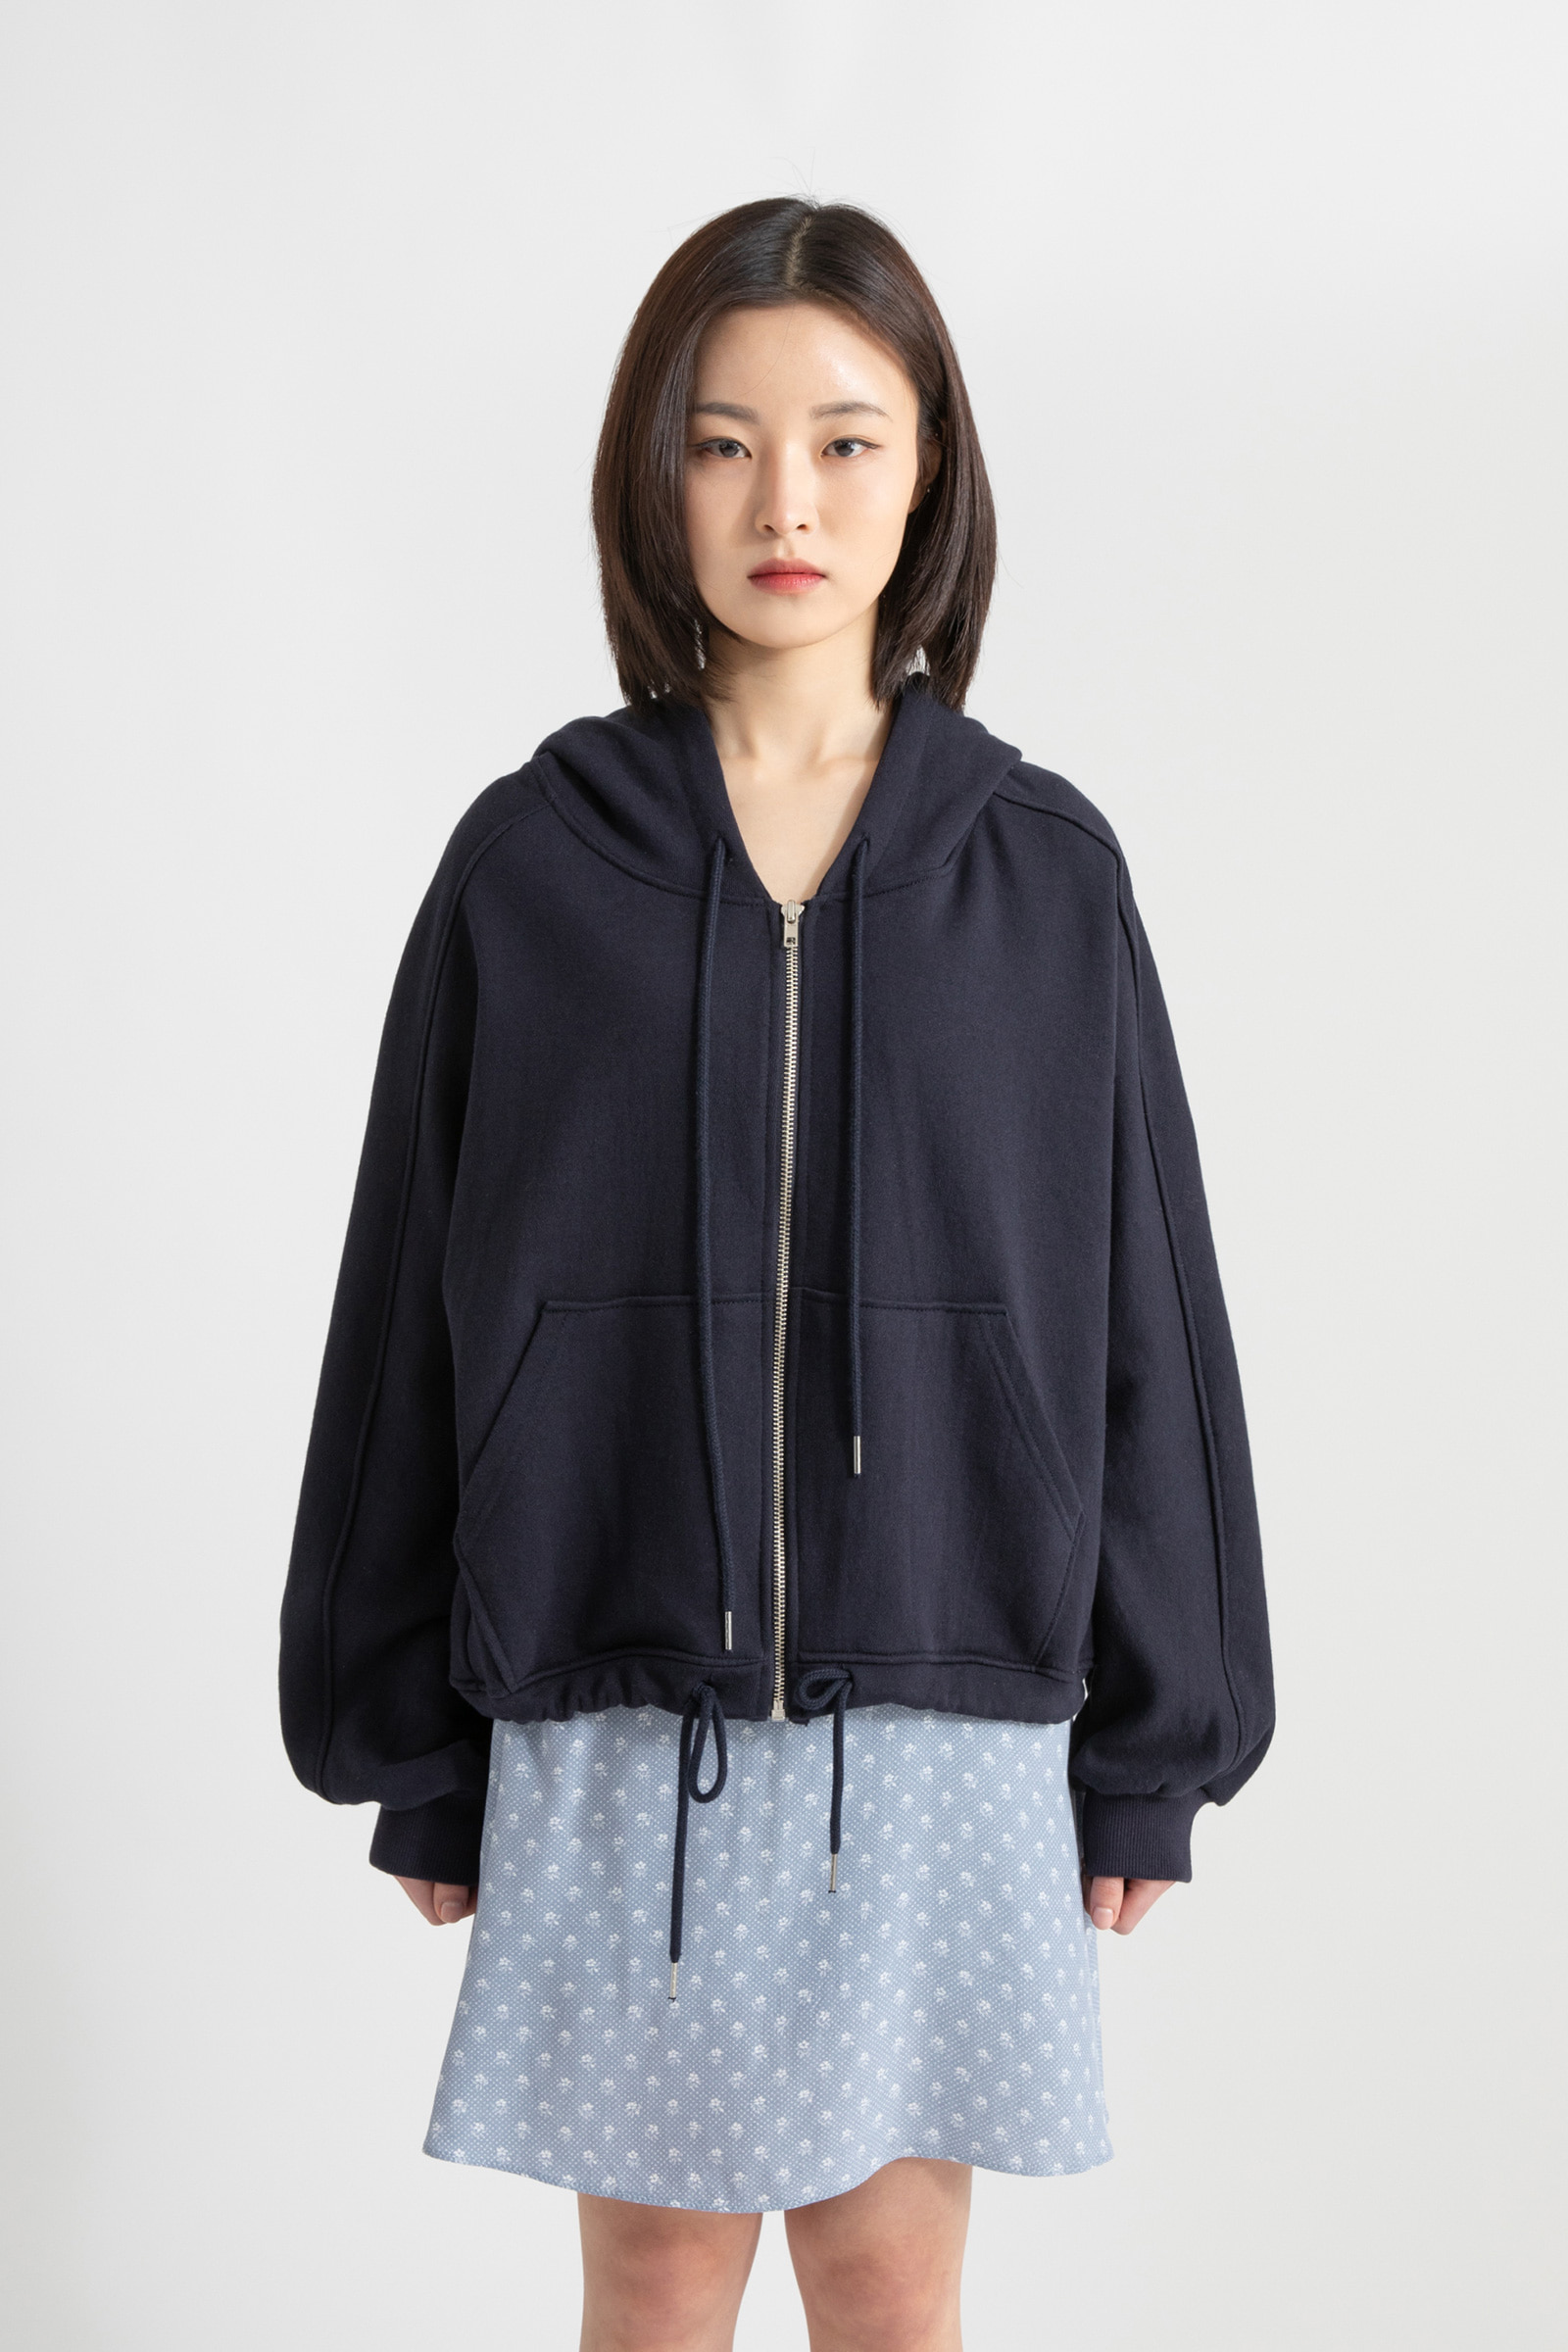 String standard hooded zip-up sweatshirt